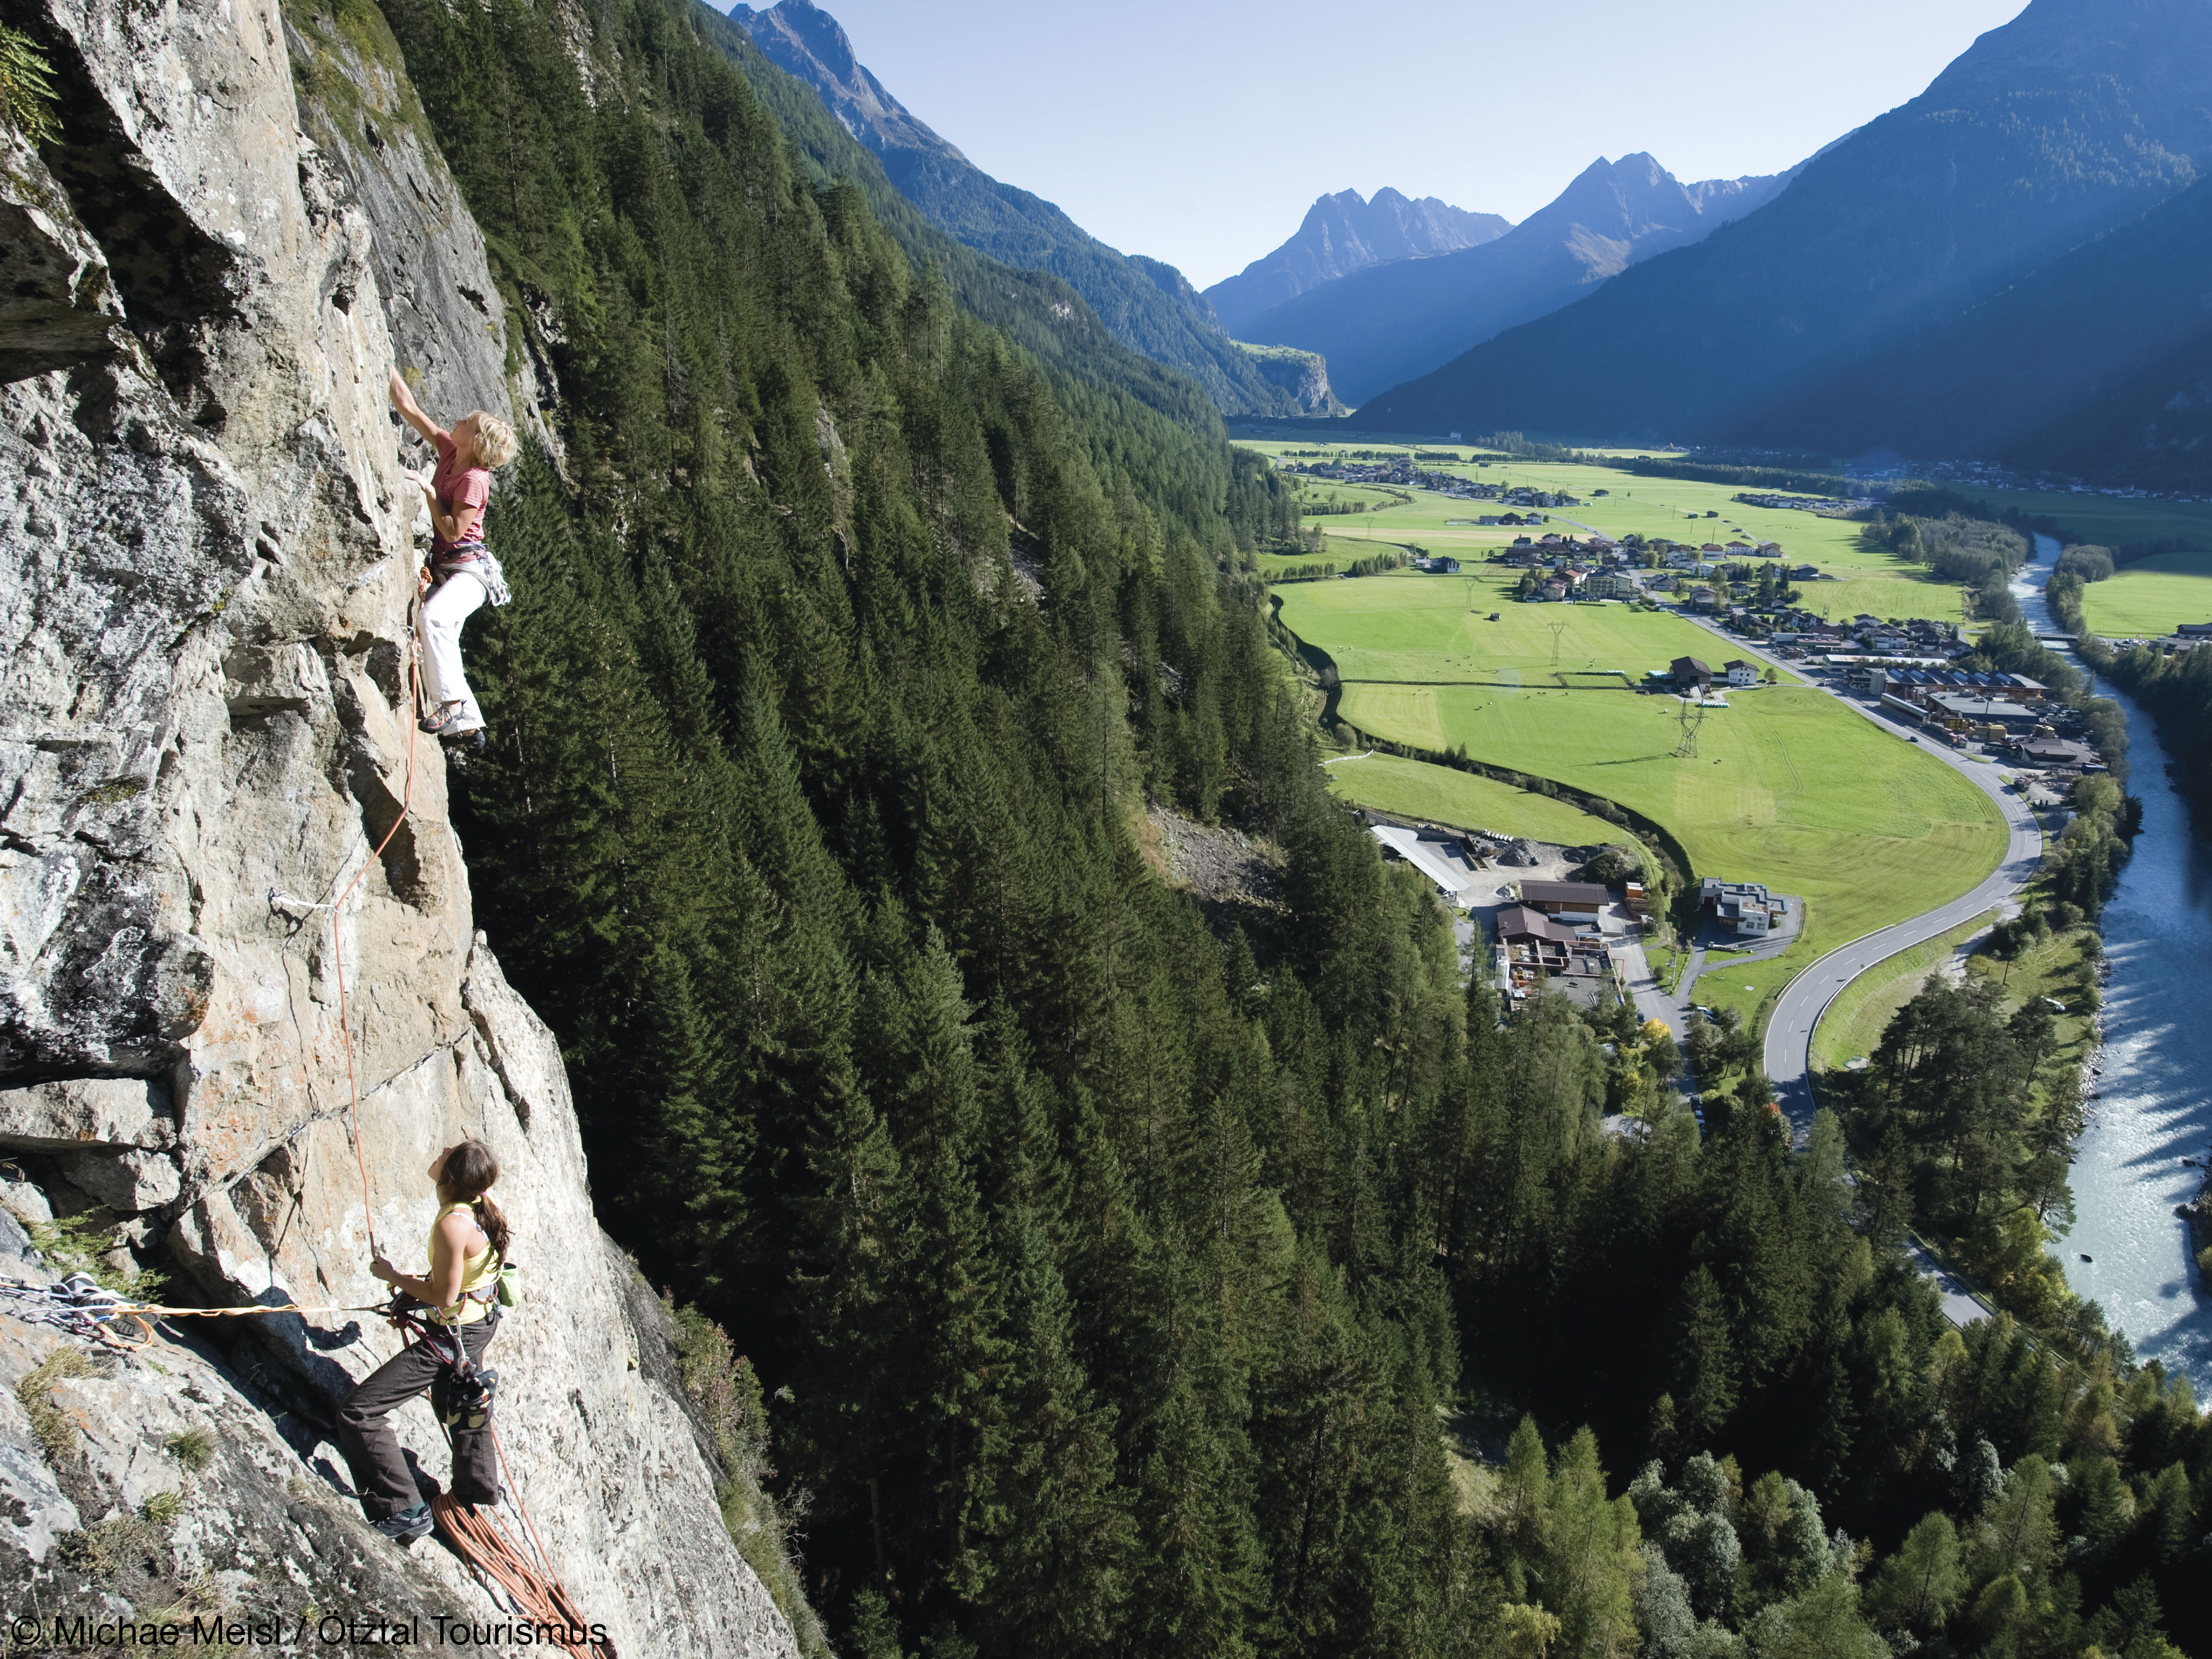 Klettersteigset Rückruf : Klettersteigset rückruf viele betroffene modelle noch im umlauf